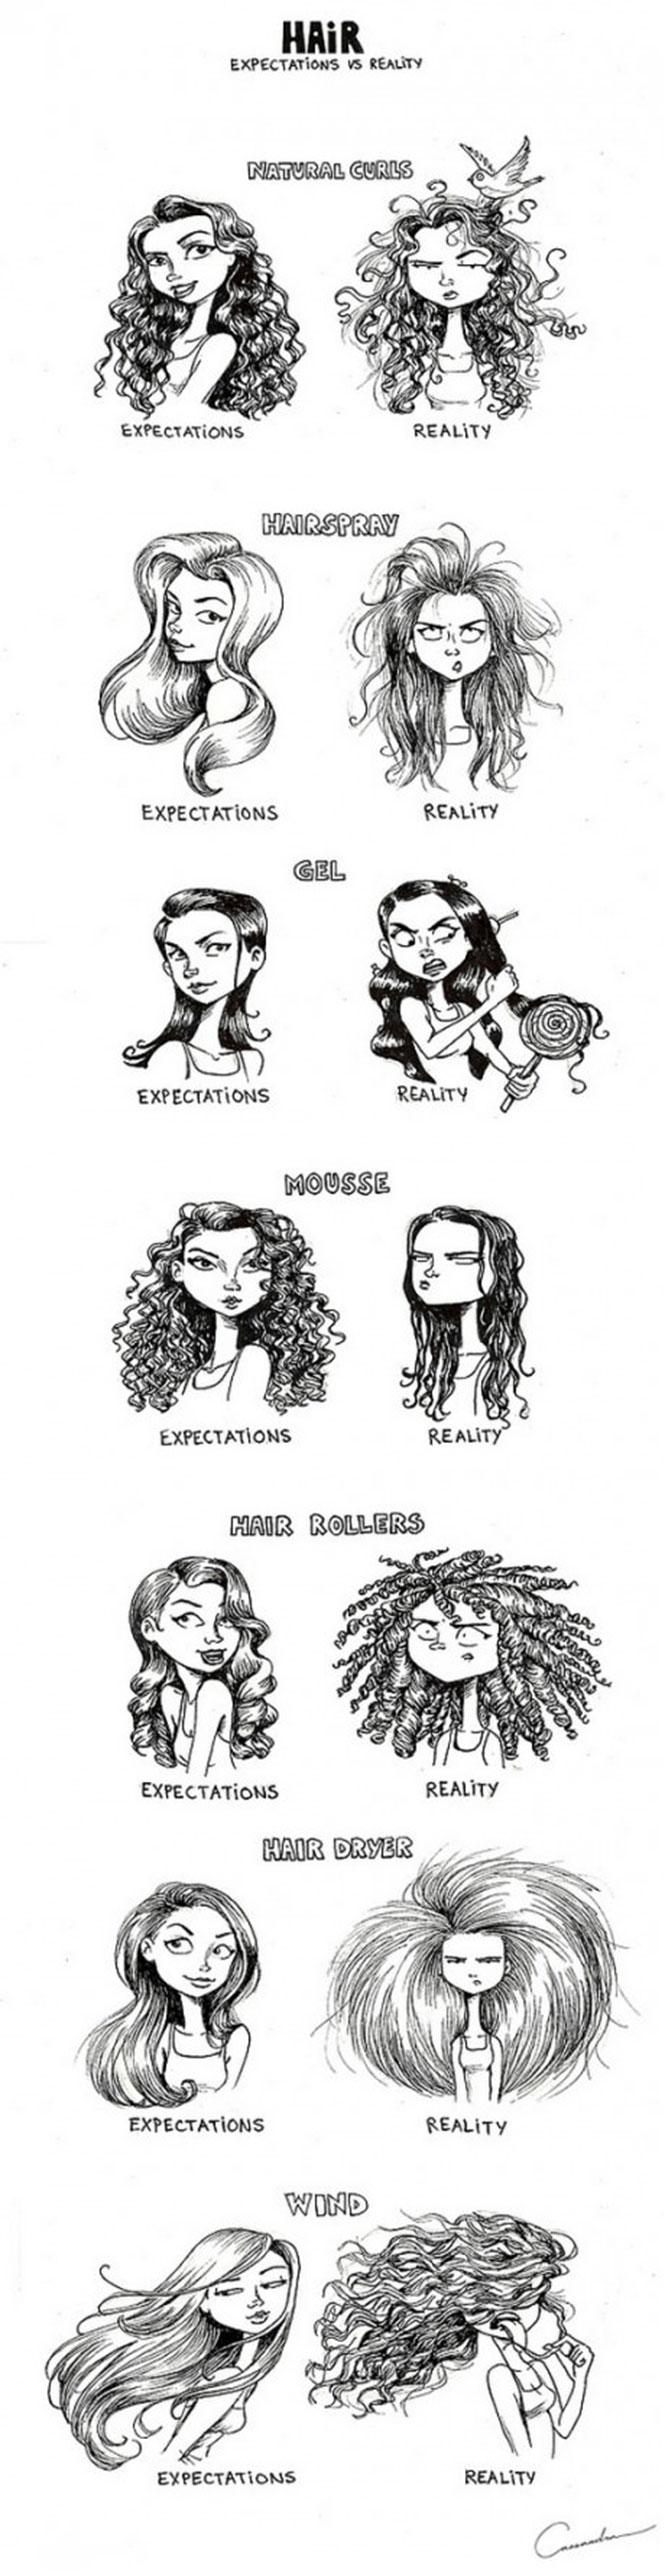 Γυναικεία χτενίσματα: Προσδοκίες vs Πραγματικότητα (2)